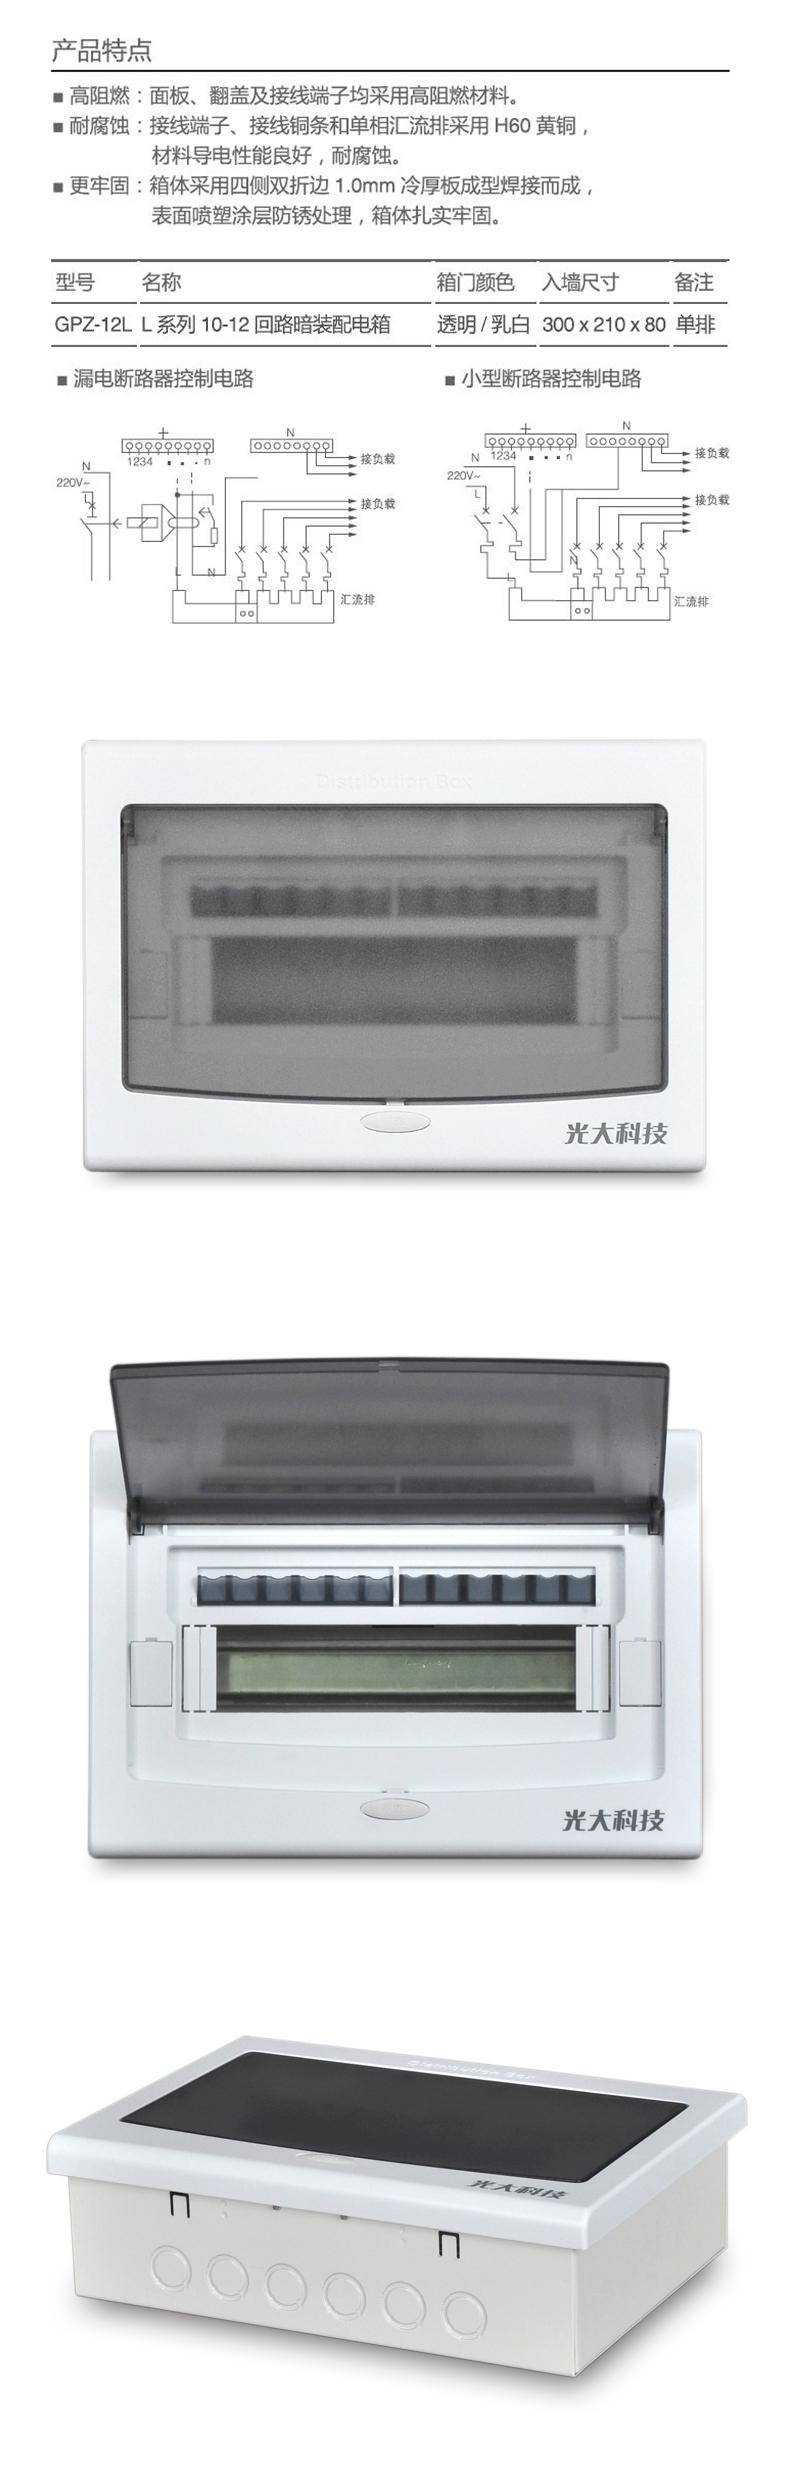 GPZ-12L / L系列10-12回路安裝配電箱(可選透明/乳白)